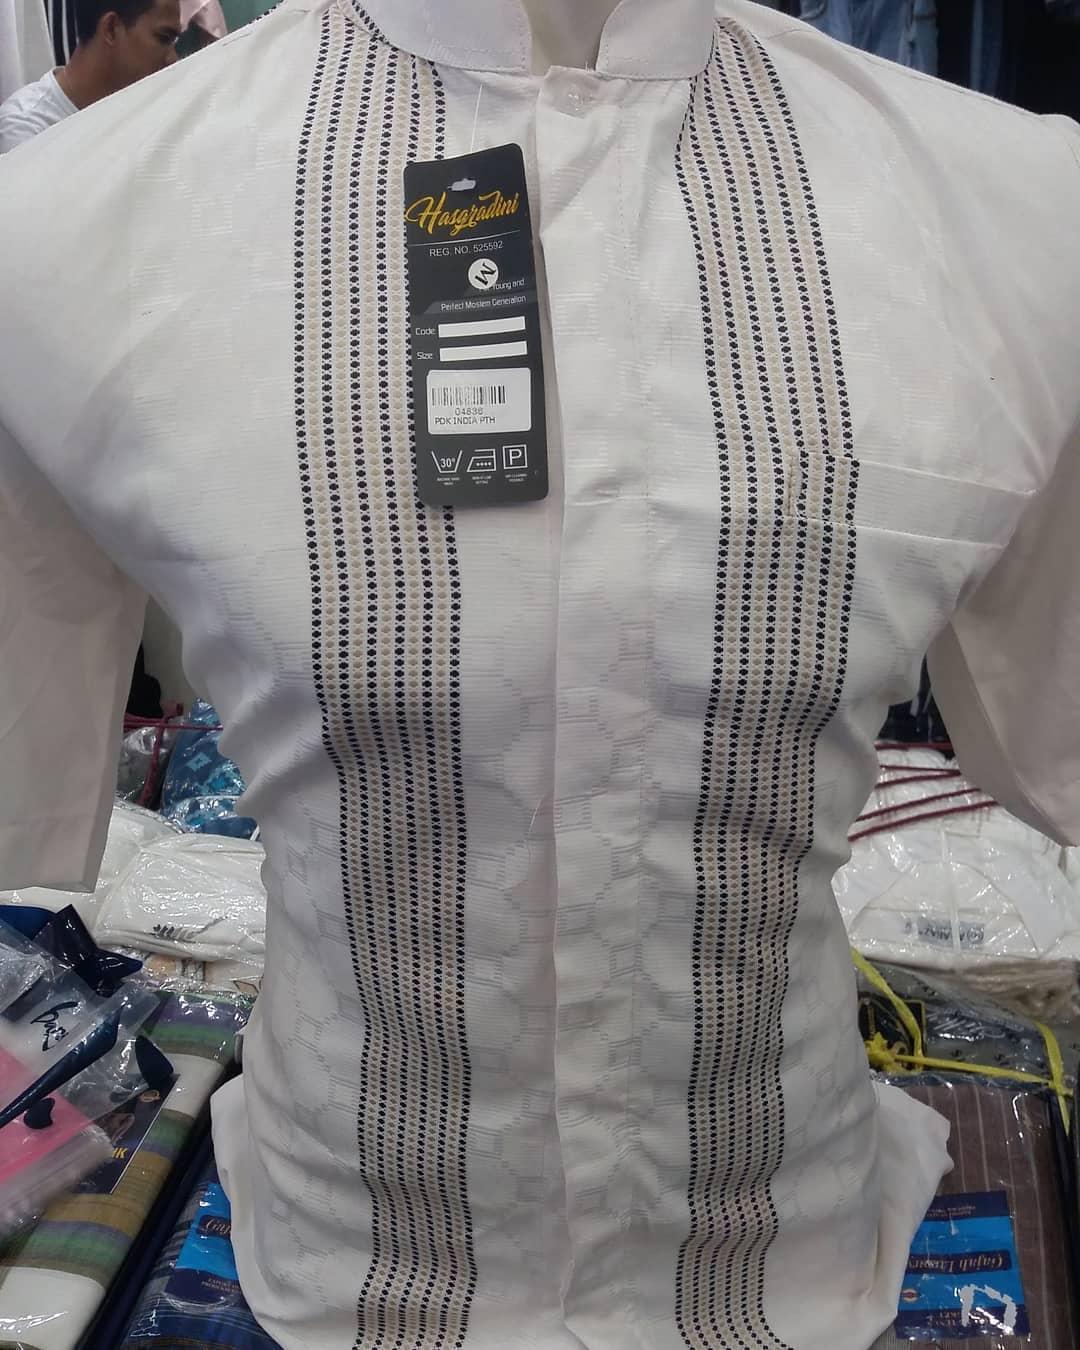 Baju Muslim Original Koko Motif Sulam Cotton Serat Super Atasan Pria Pakaian Lebaran Casual